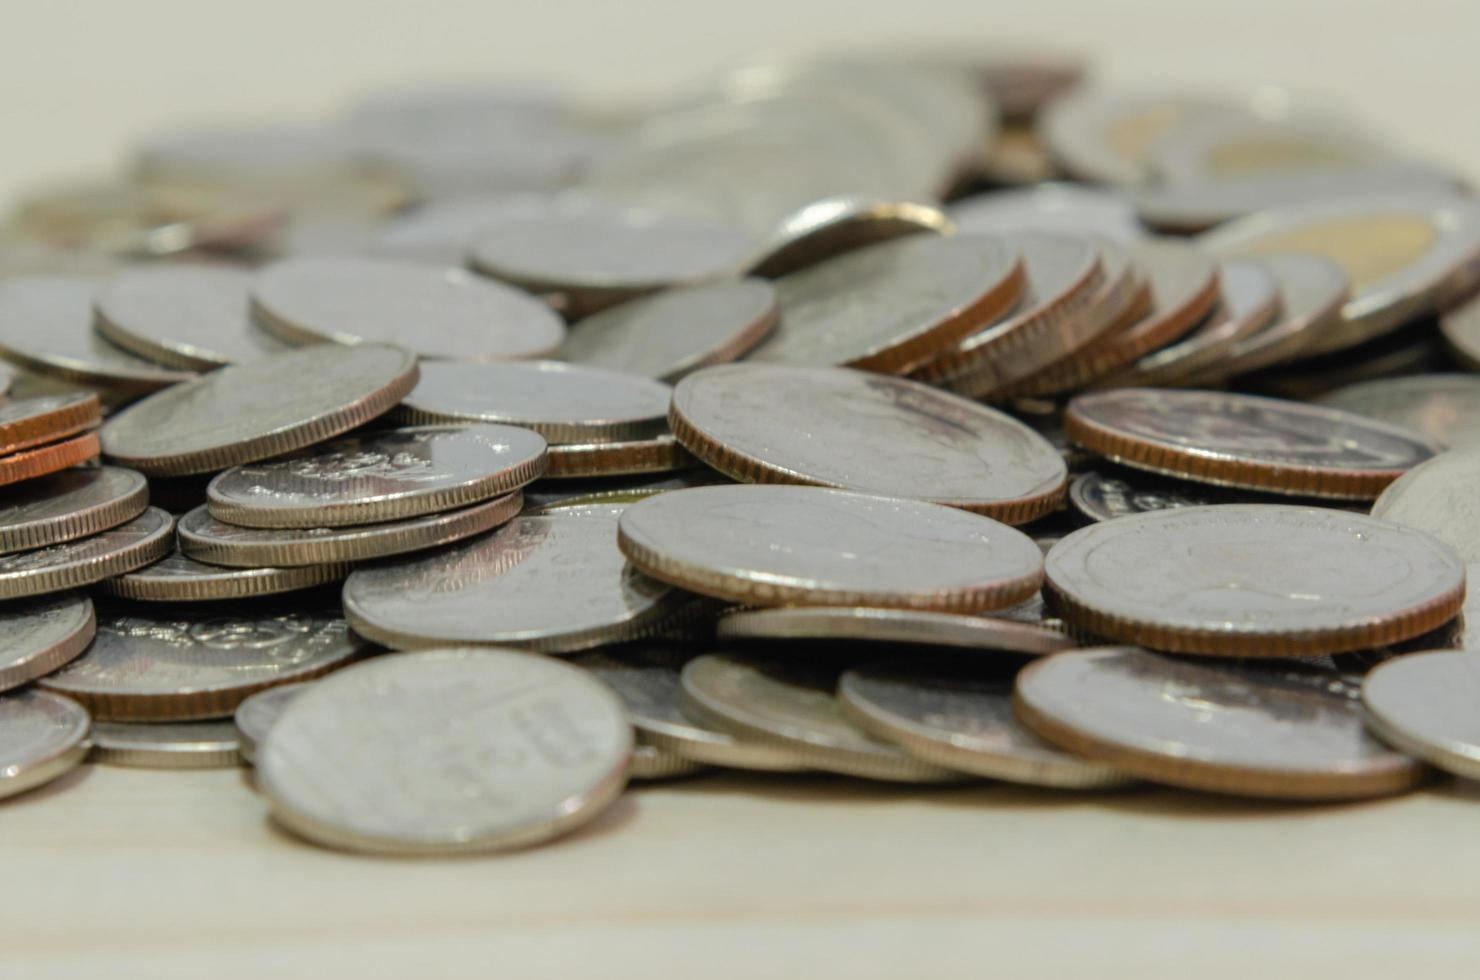 Thaise geldmunten samengesteld achtergrond. foto